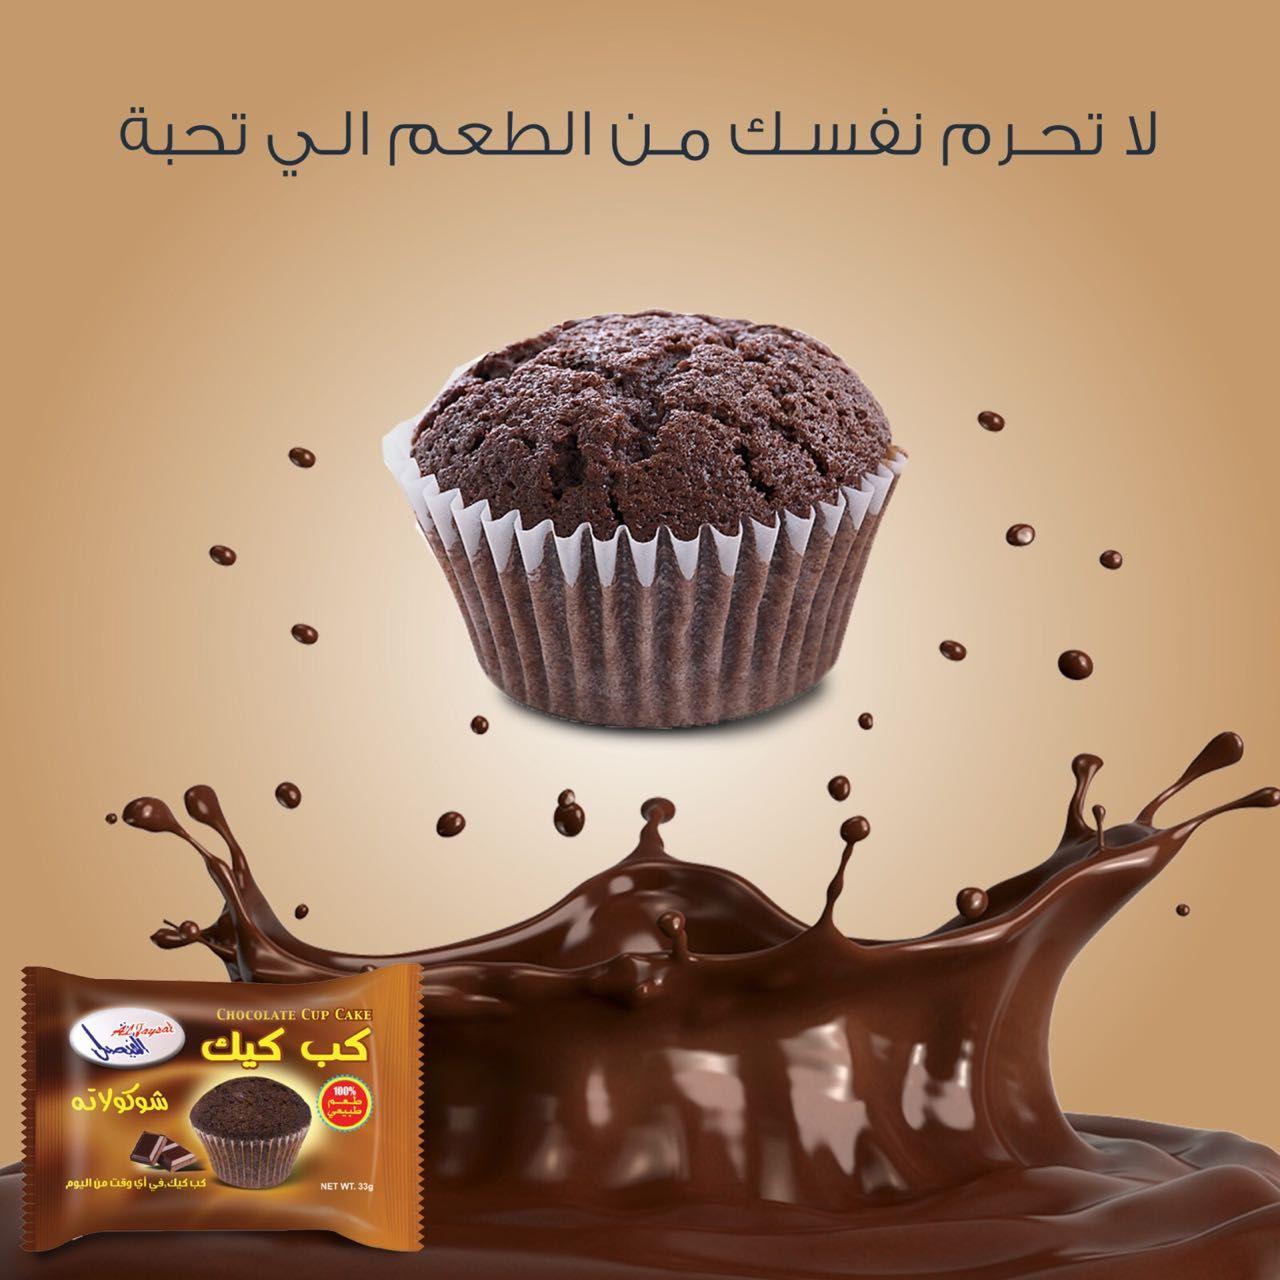 لا تحرم نفسك من الطعم الي تحبة Do Not Deprive Yourself From The Taste You Love It Chocolate Cups Chocolate Desserts